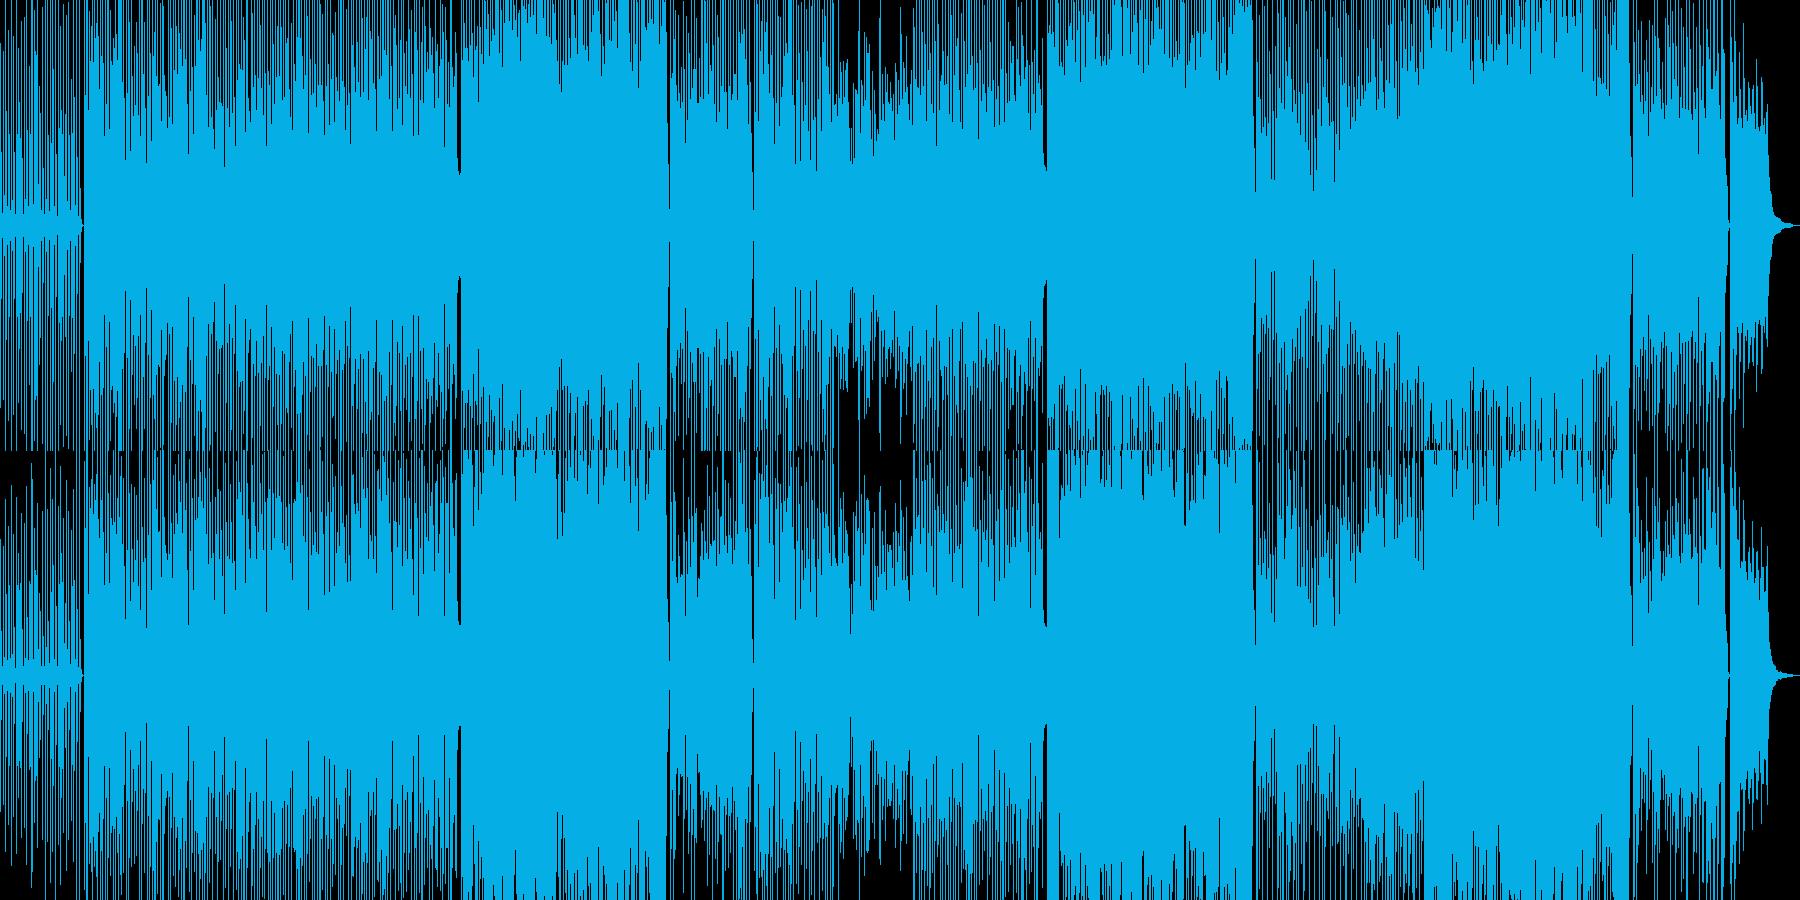 軽いタッチの和風テクノ可愛い笛琴BGMの再生済みの波形